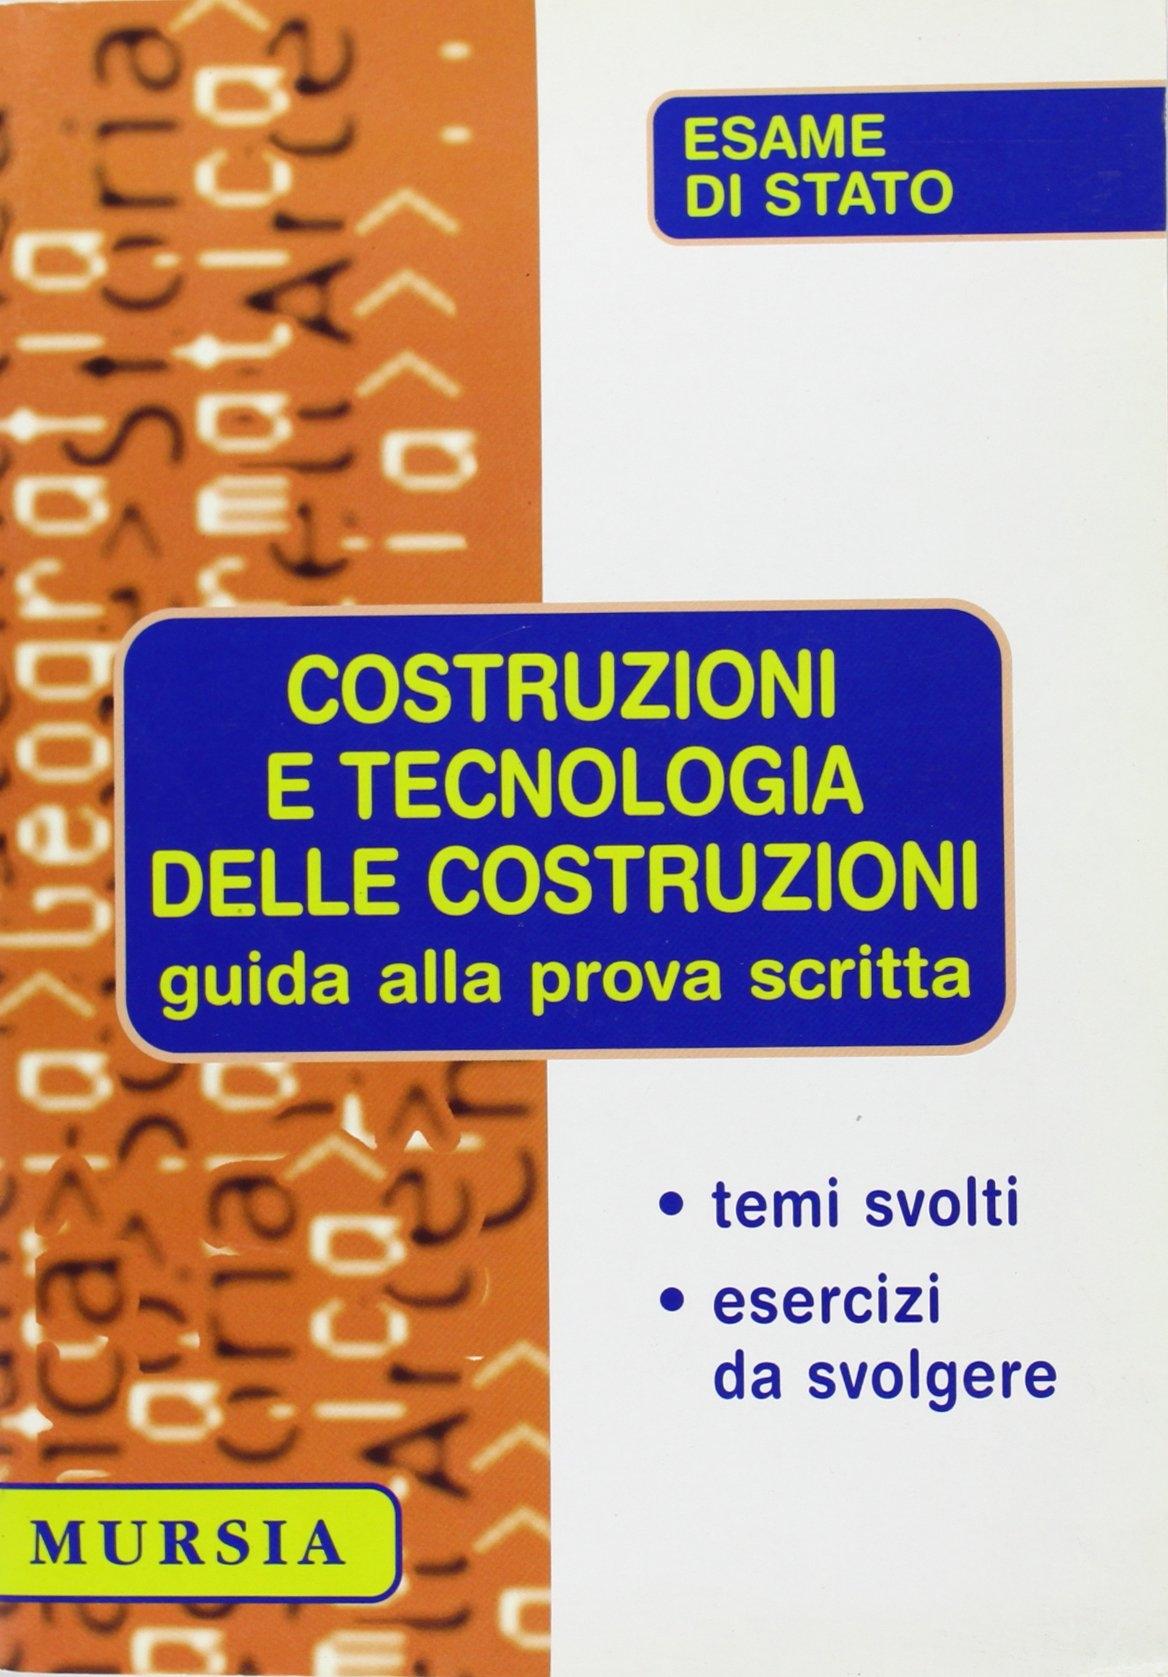 Guida alla prova scritta di costruzioni e tecnologia delle costruzioni